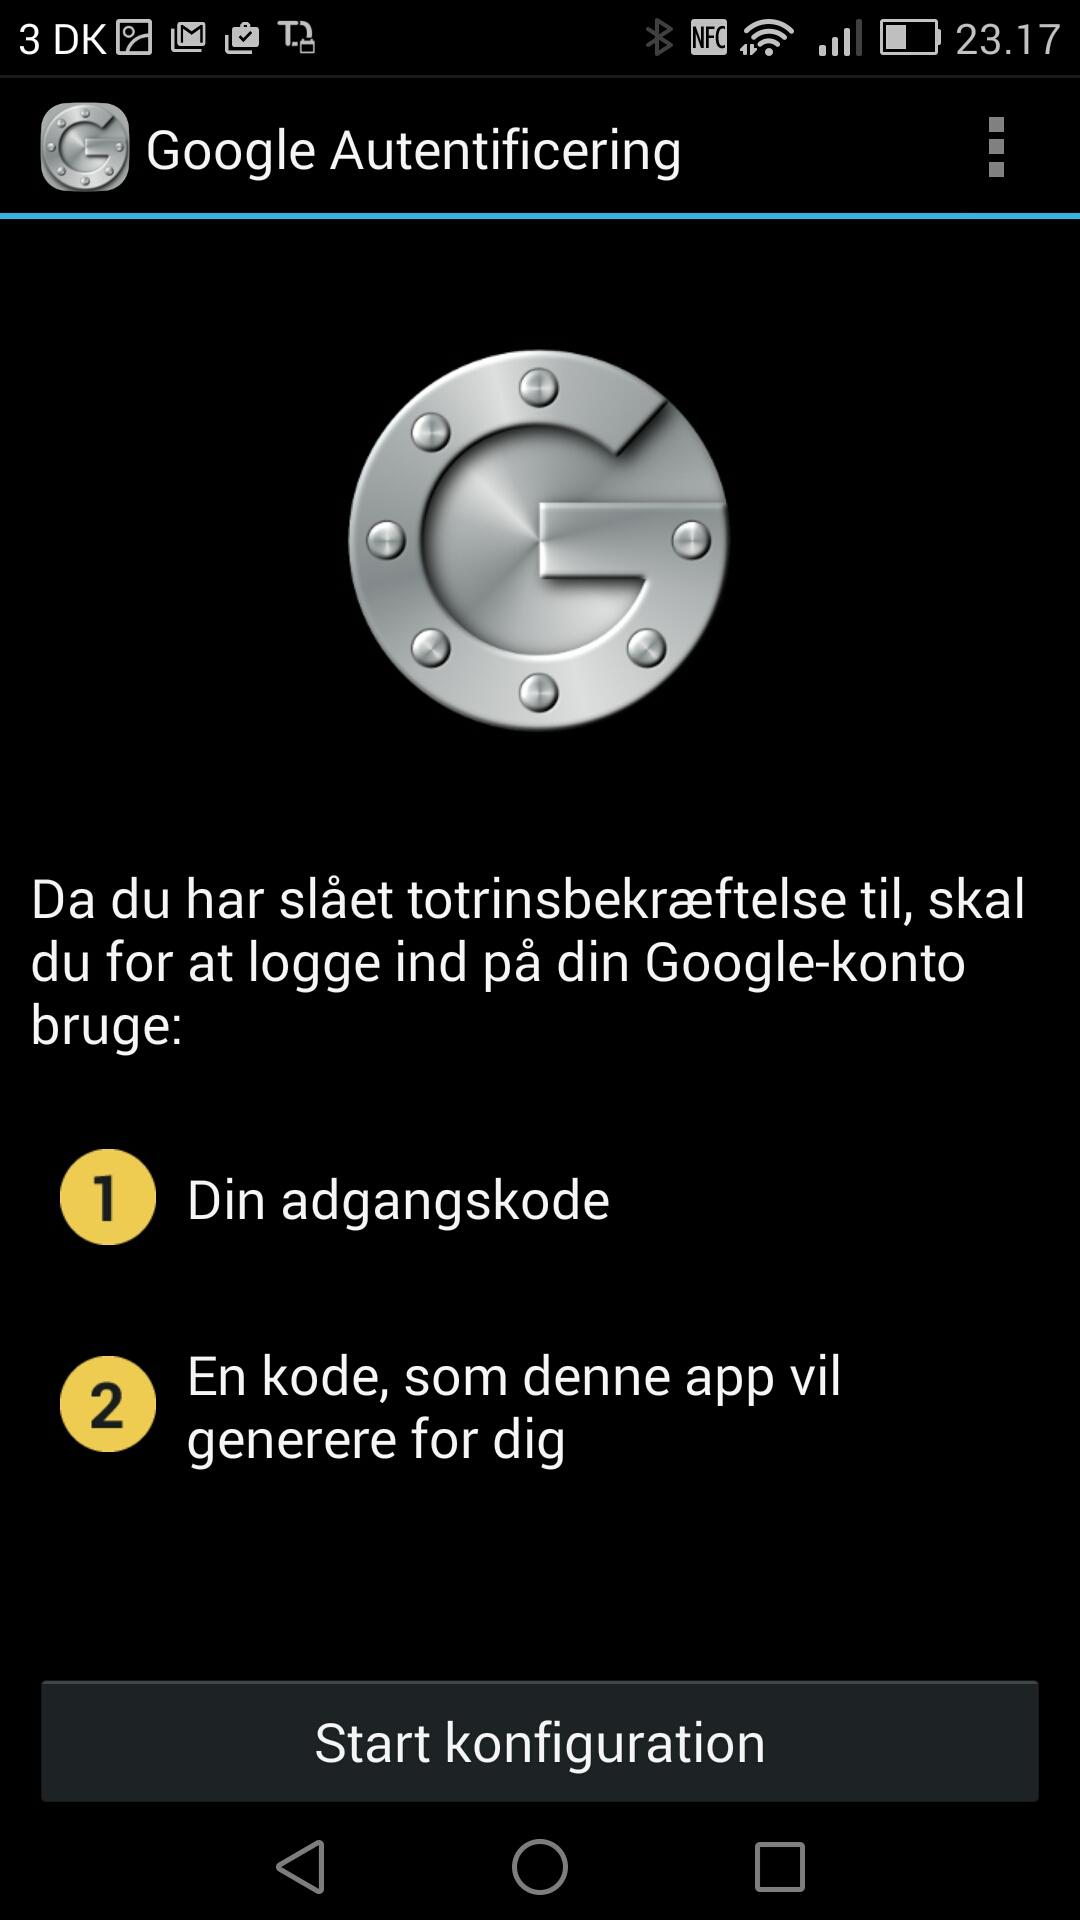 Google Autentificering